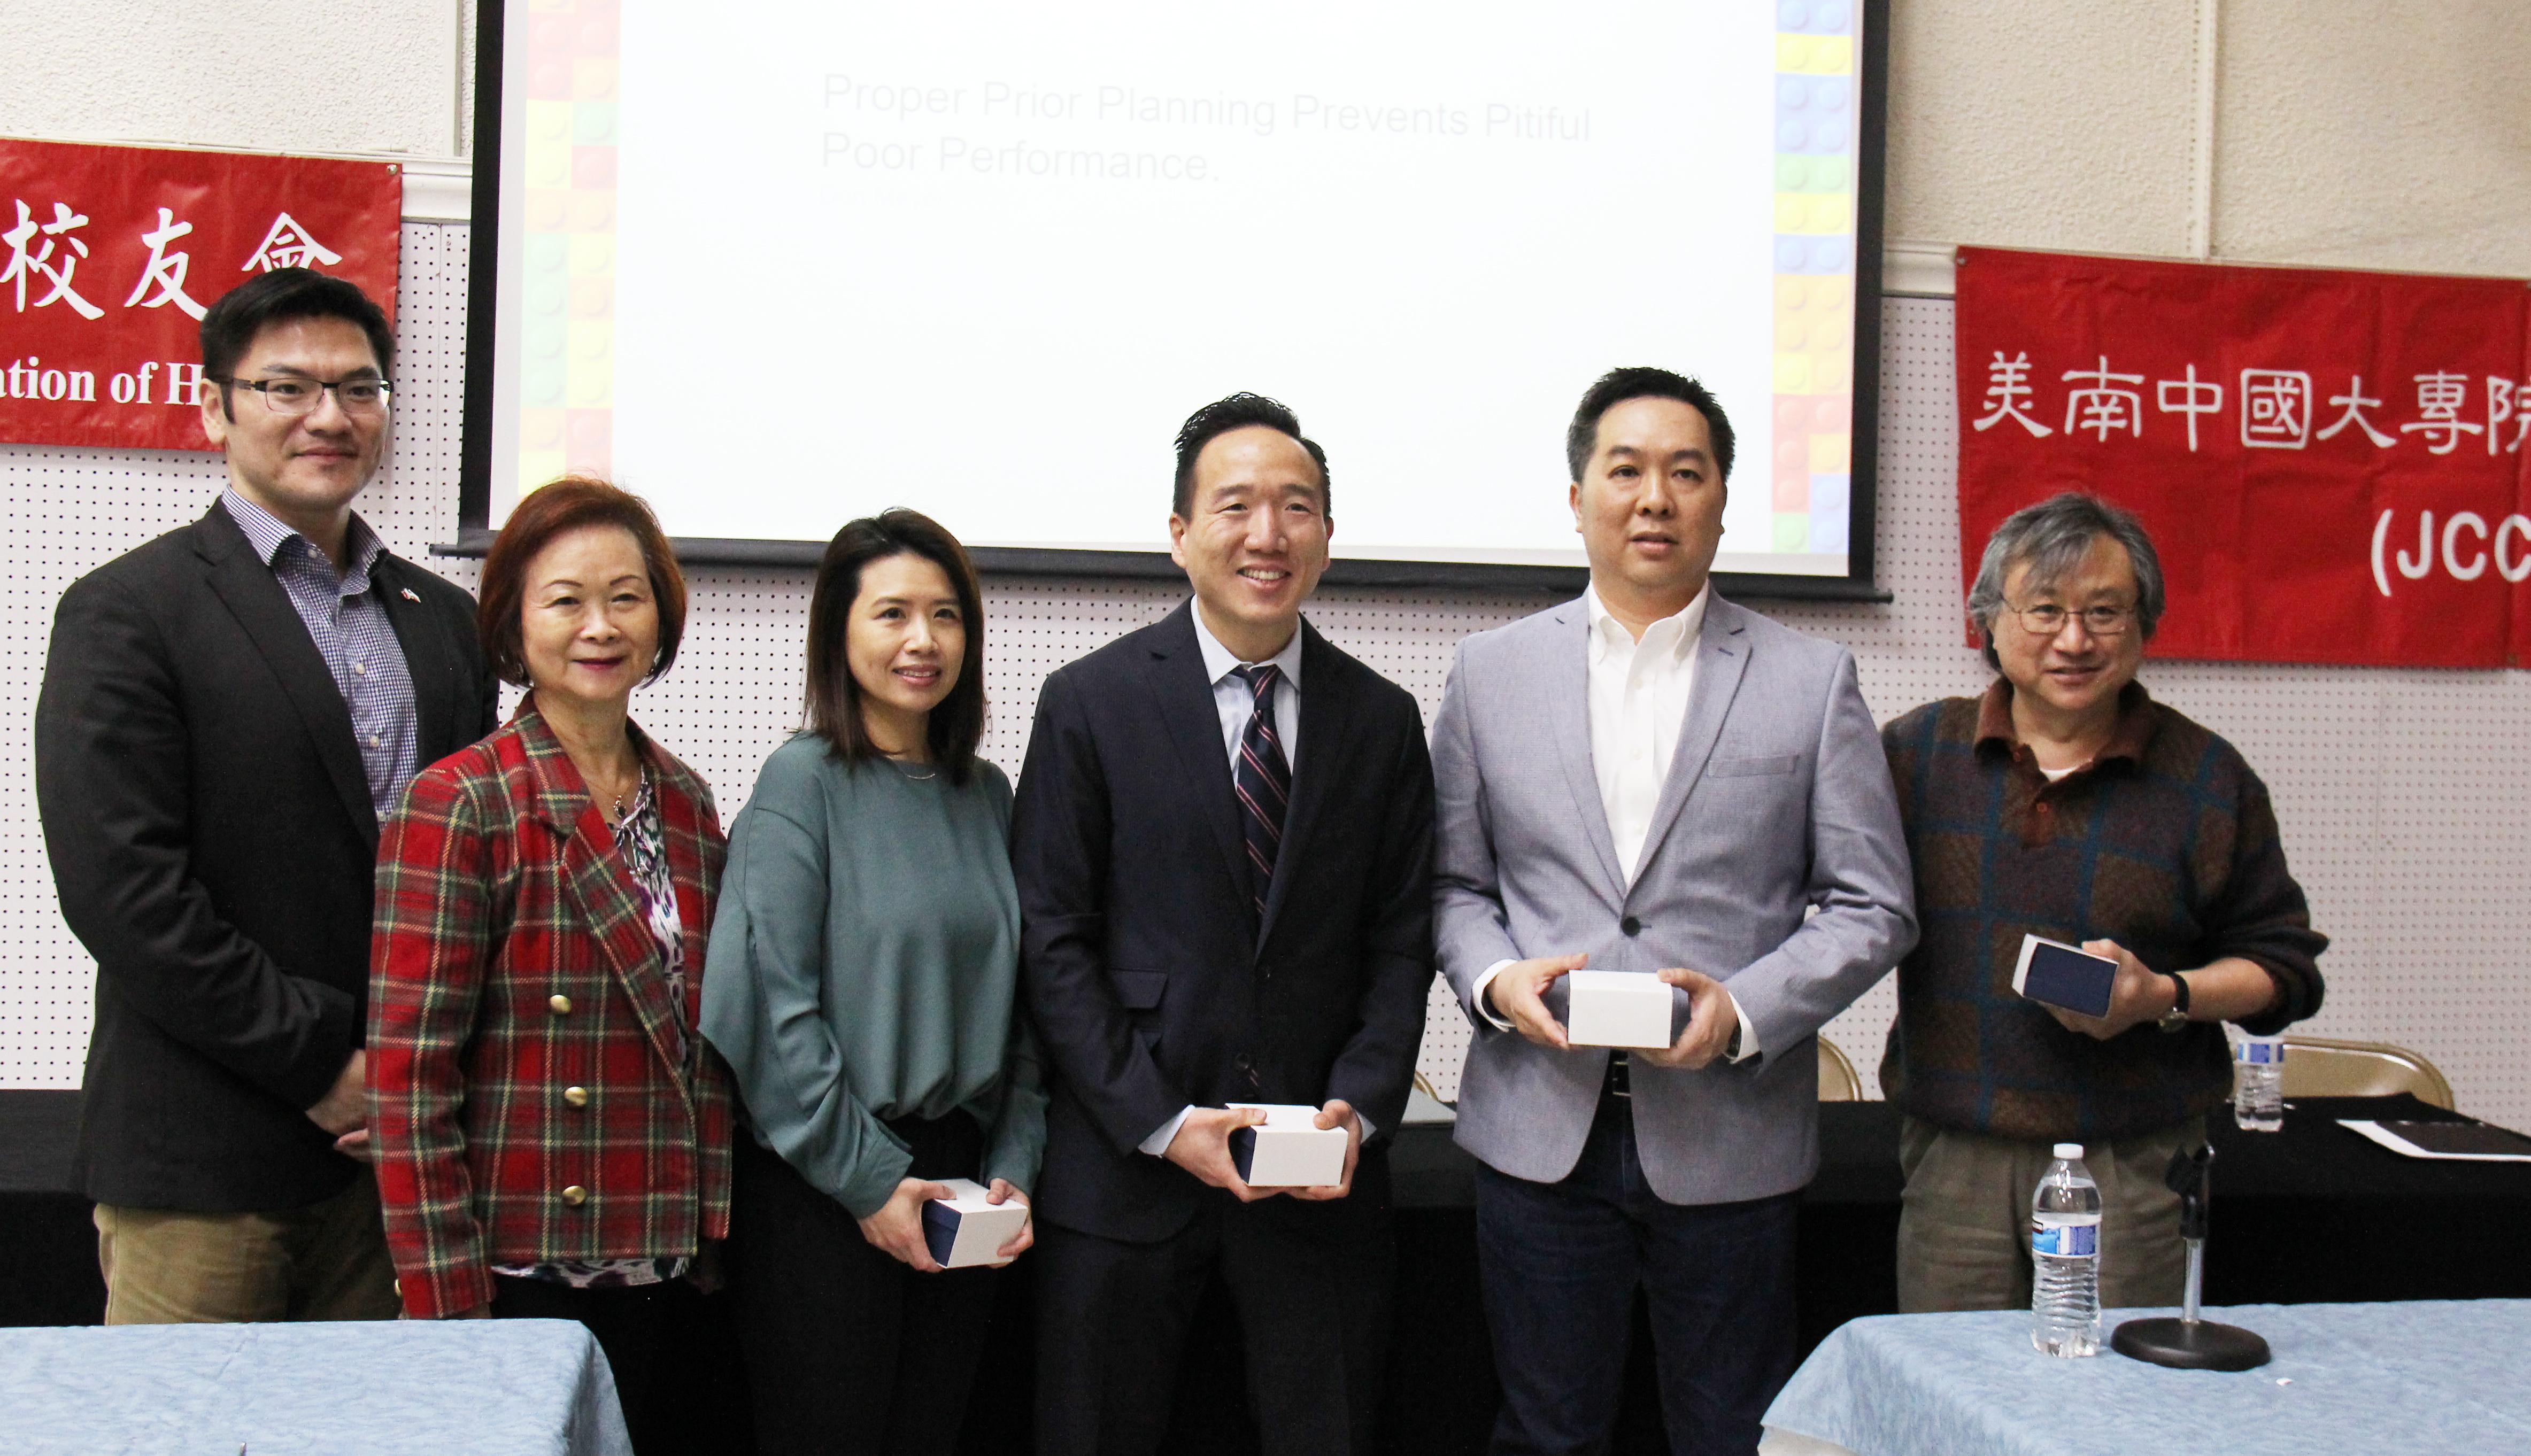 翁履中(左一到右),徐小玲,Emma Fong,Chris Weng ,Paul Yeh 熊耐柏講座中合影。(記者盧淑君/攝影)